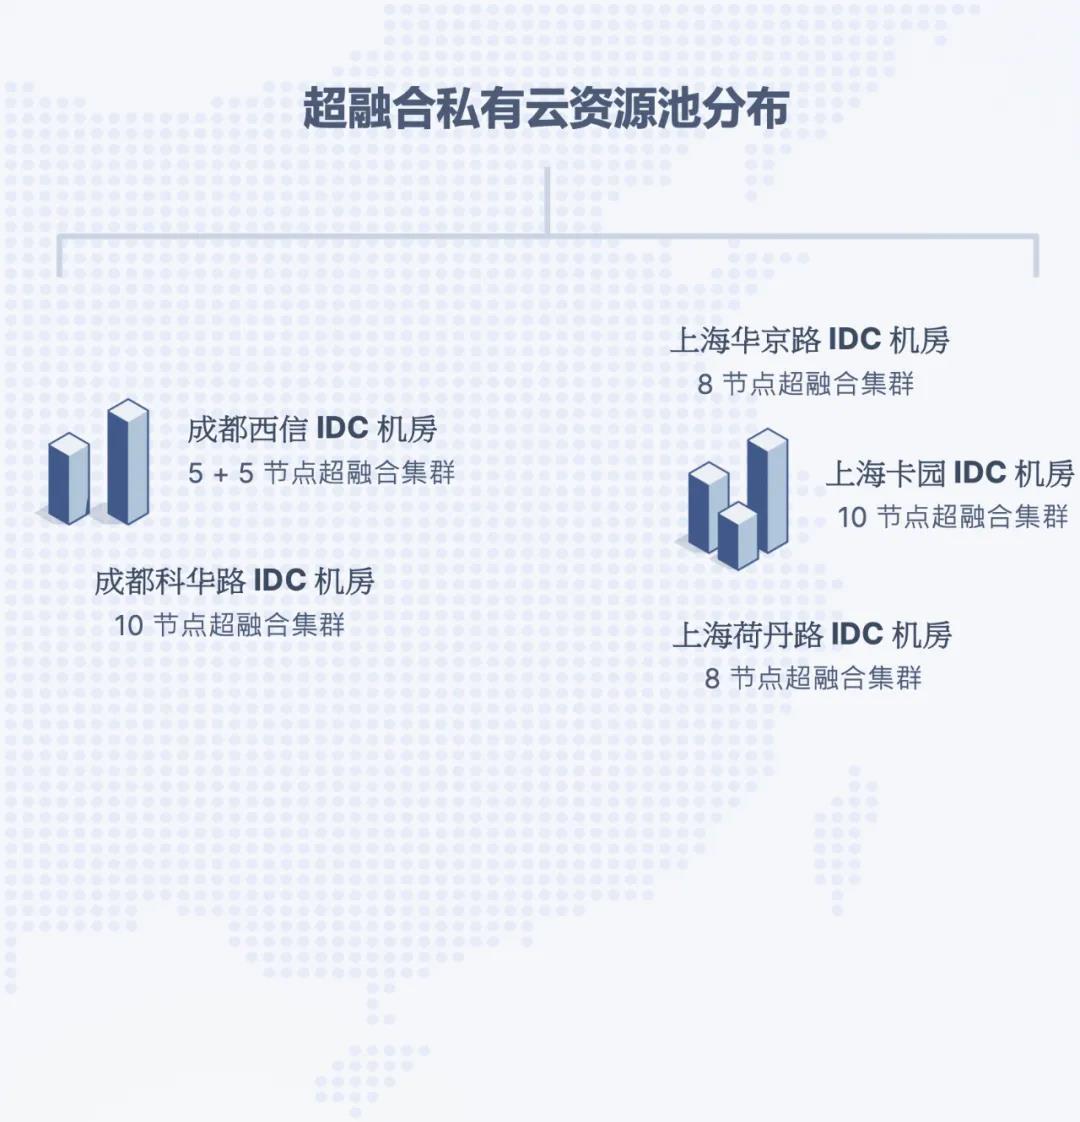 国金证券私有云基础架构评估与选型